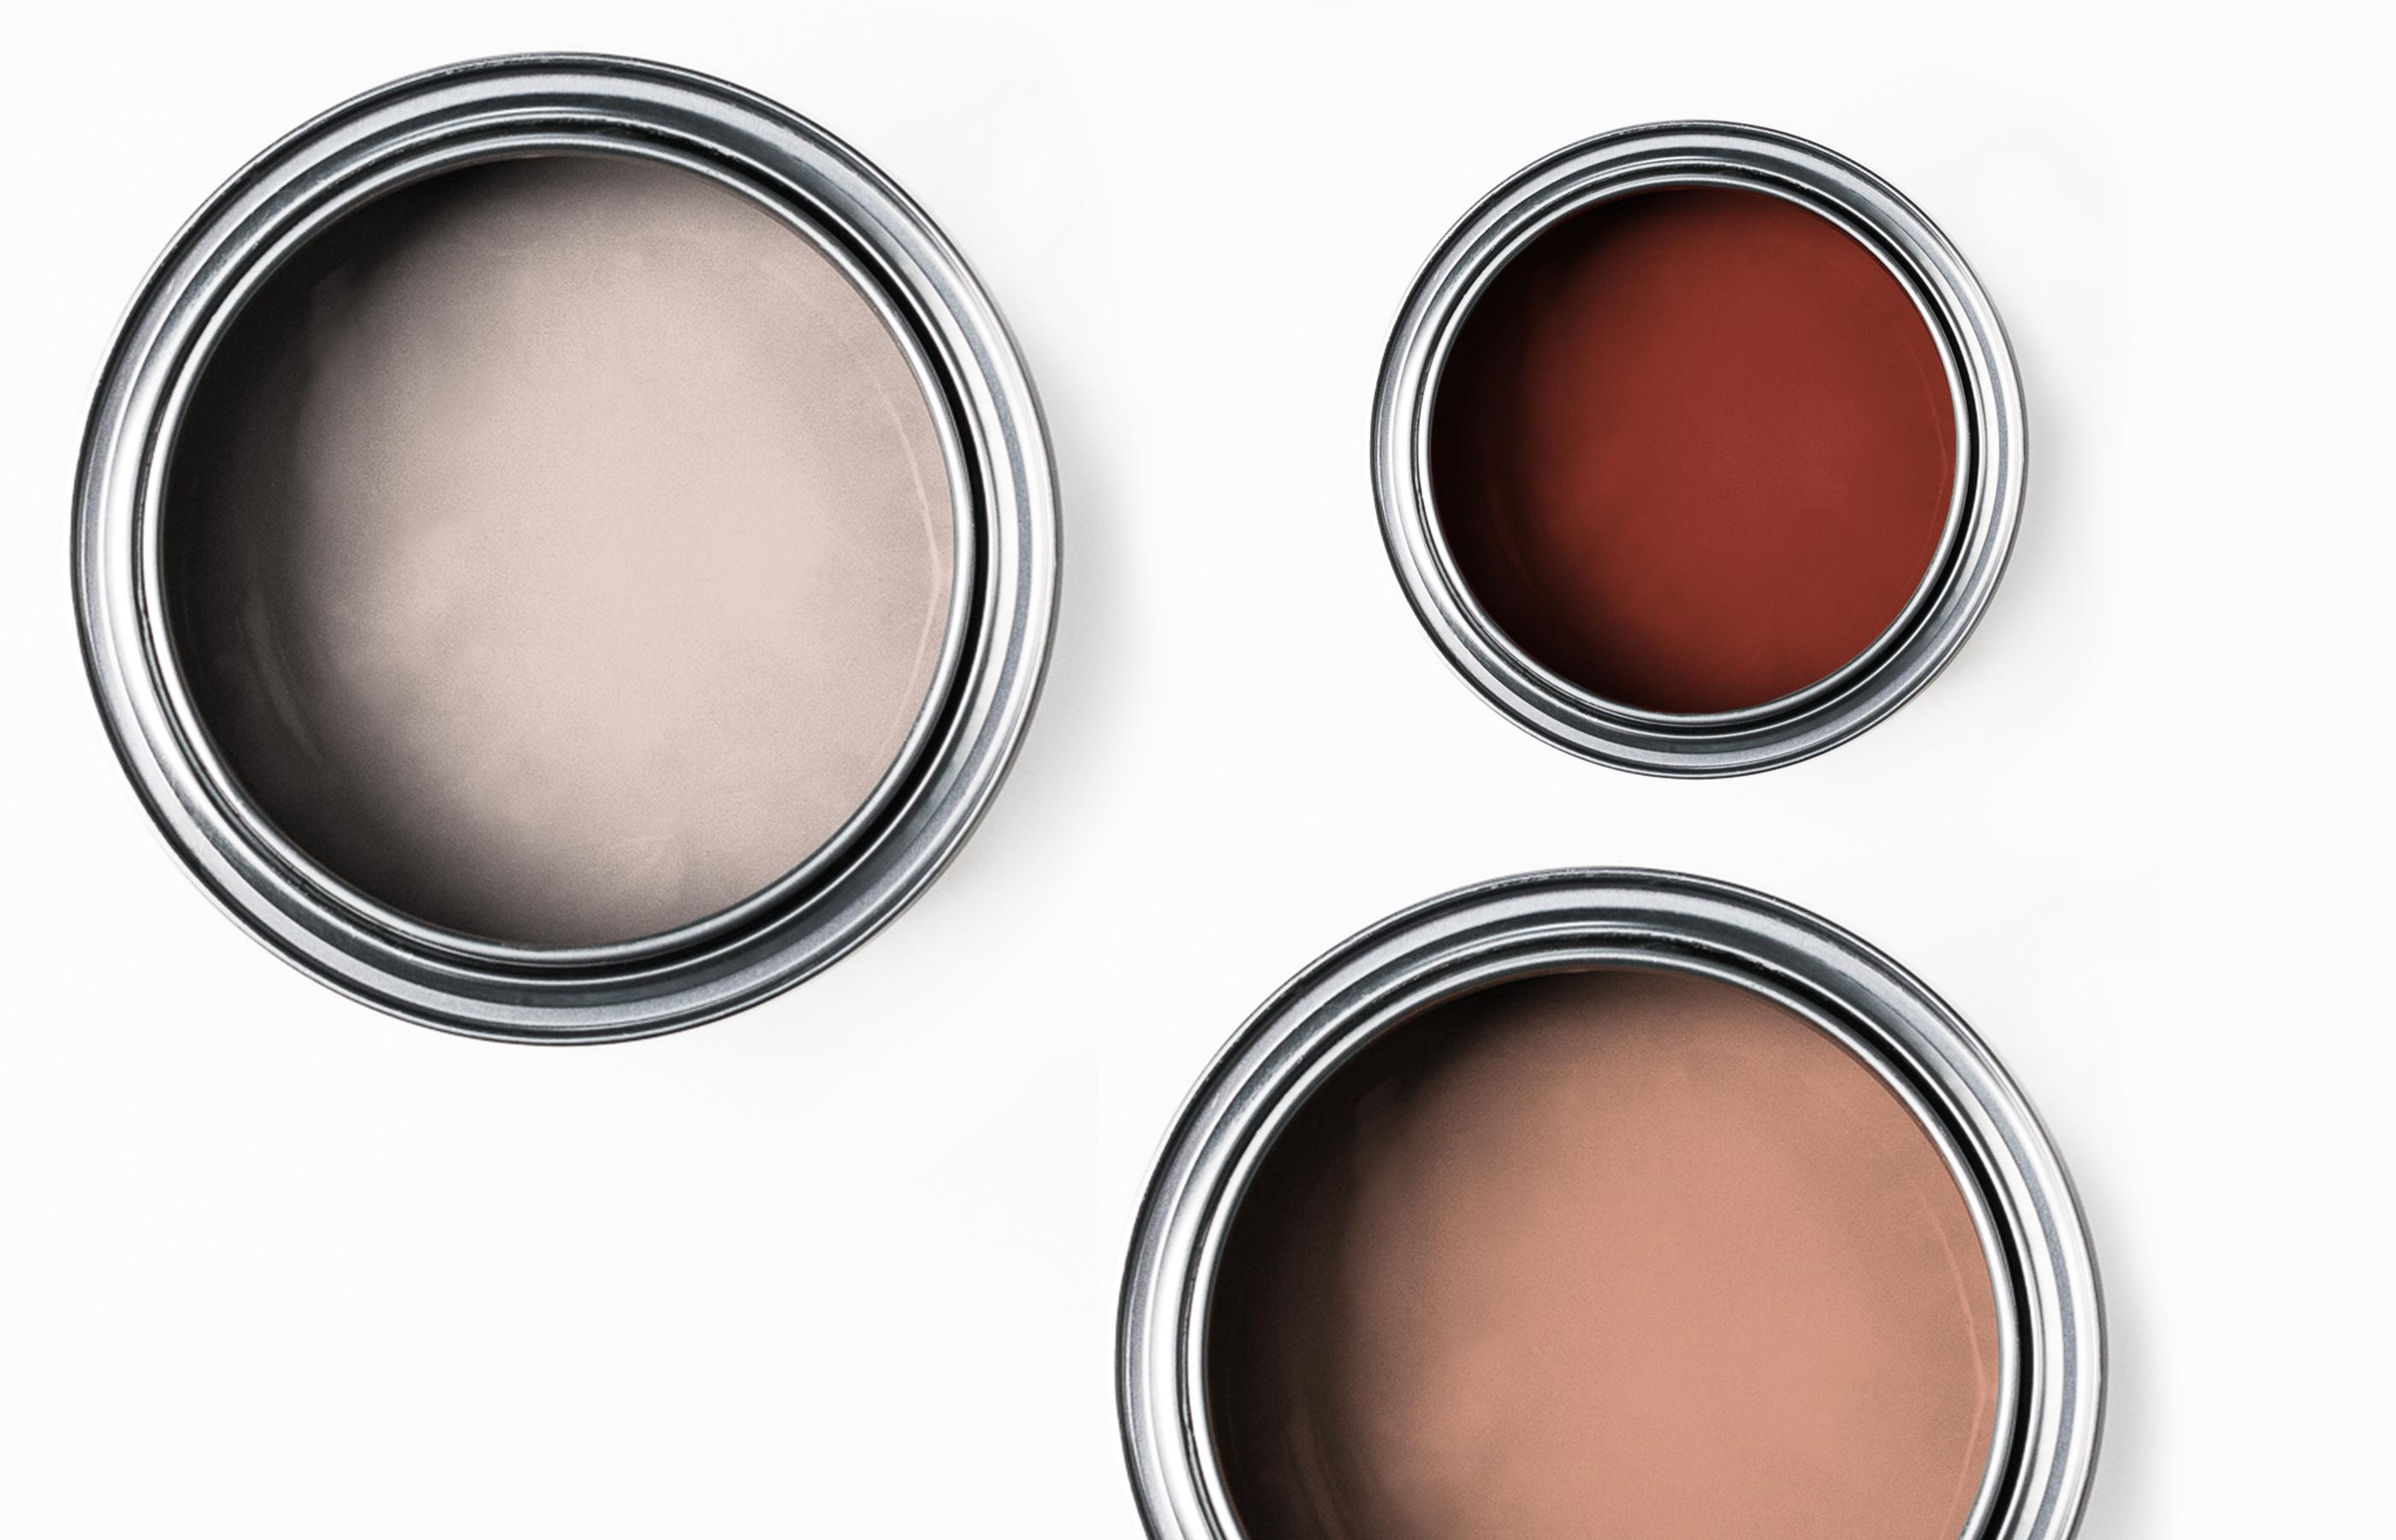 dein webshop f r farben von farrow ball pure original und. Black Bedroom Furniture Sets. Home Design Ideas